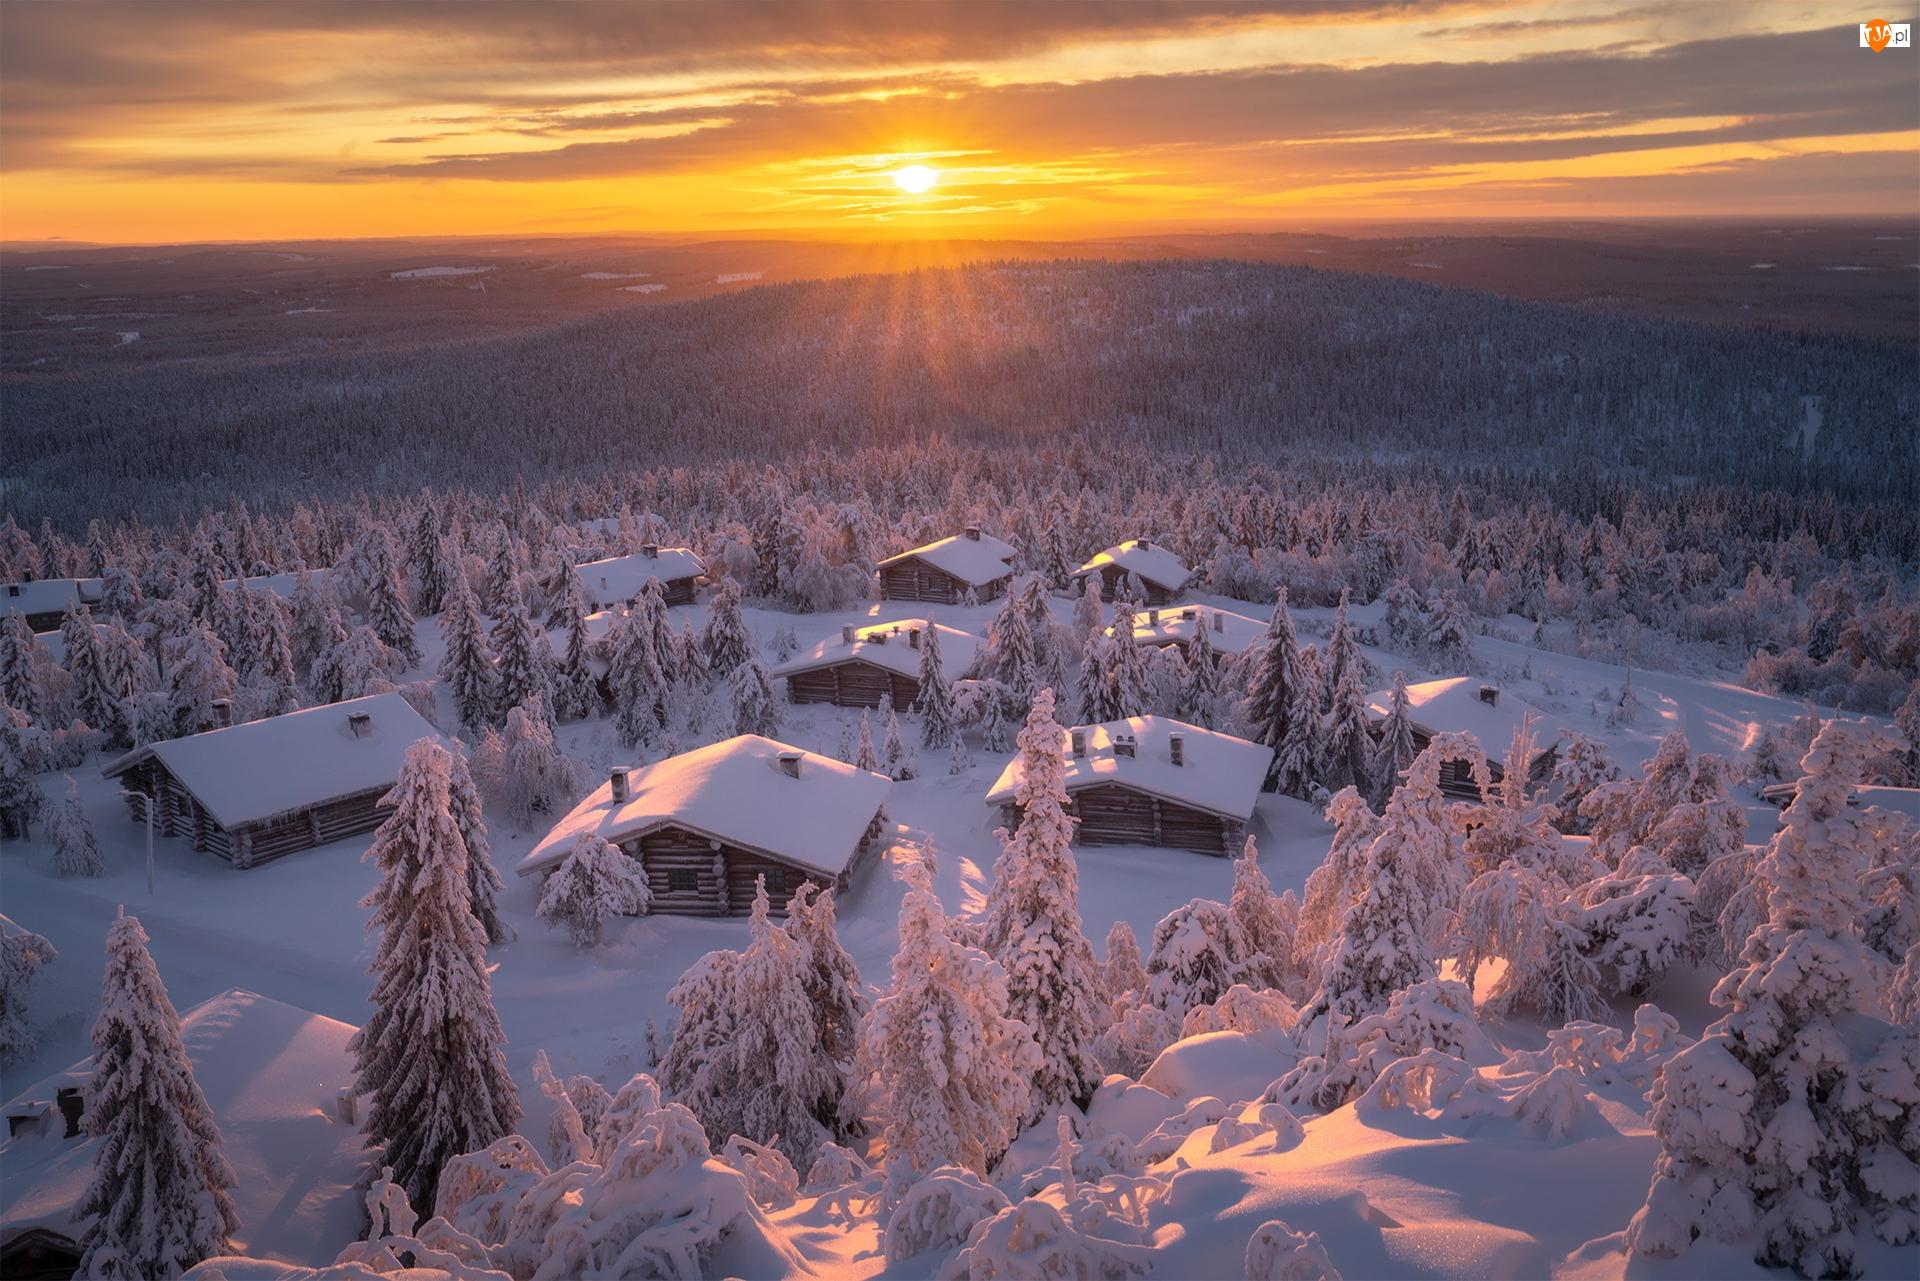 Domki, Zima, Ośnieżone, Zachód słońca, Góry, Drzewa, Finlandia, Lasy